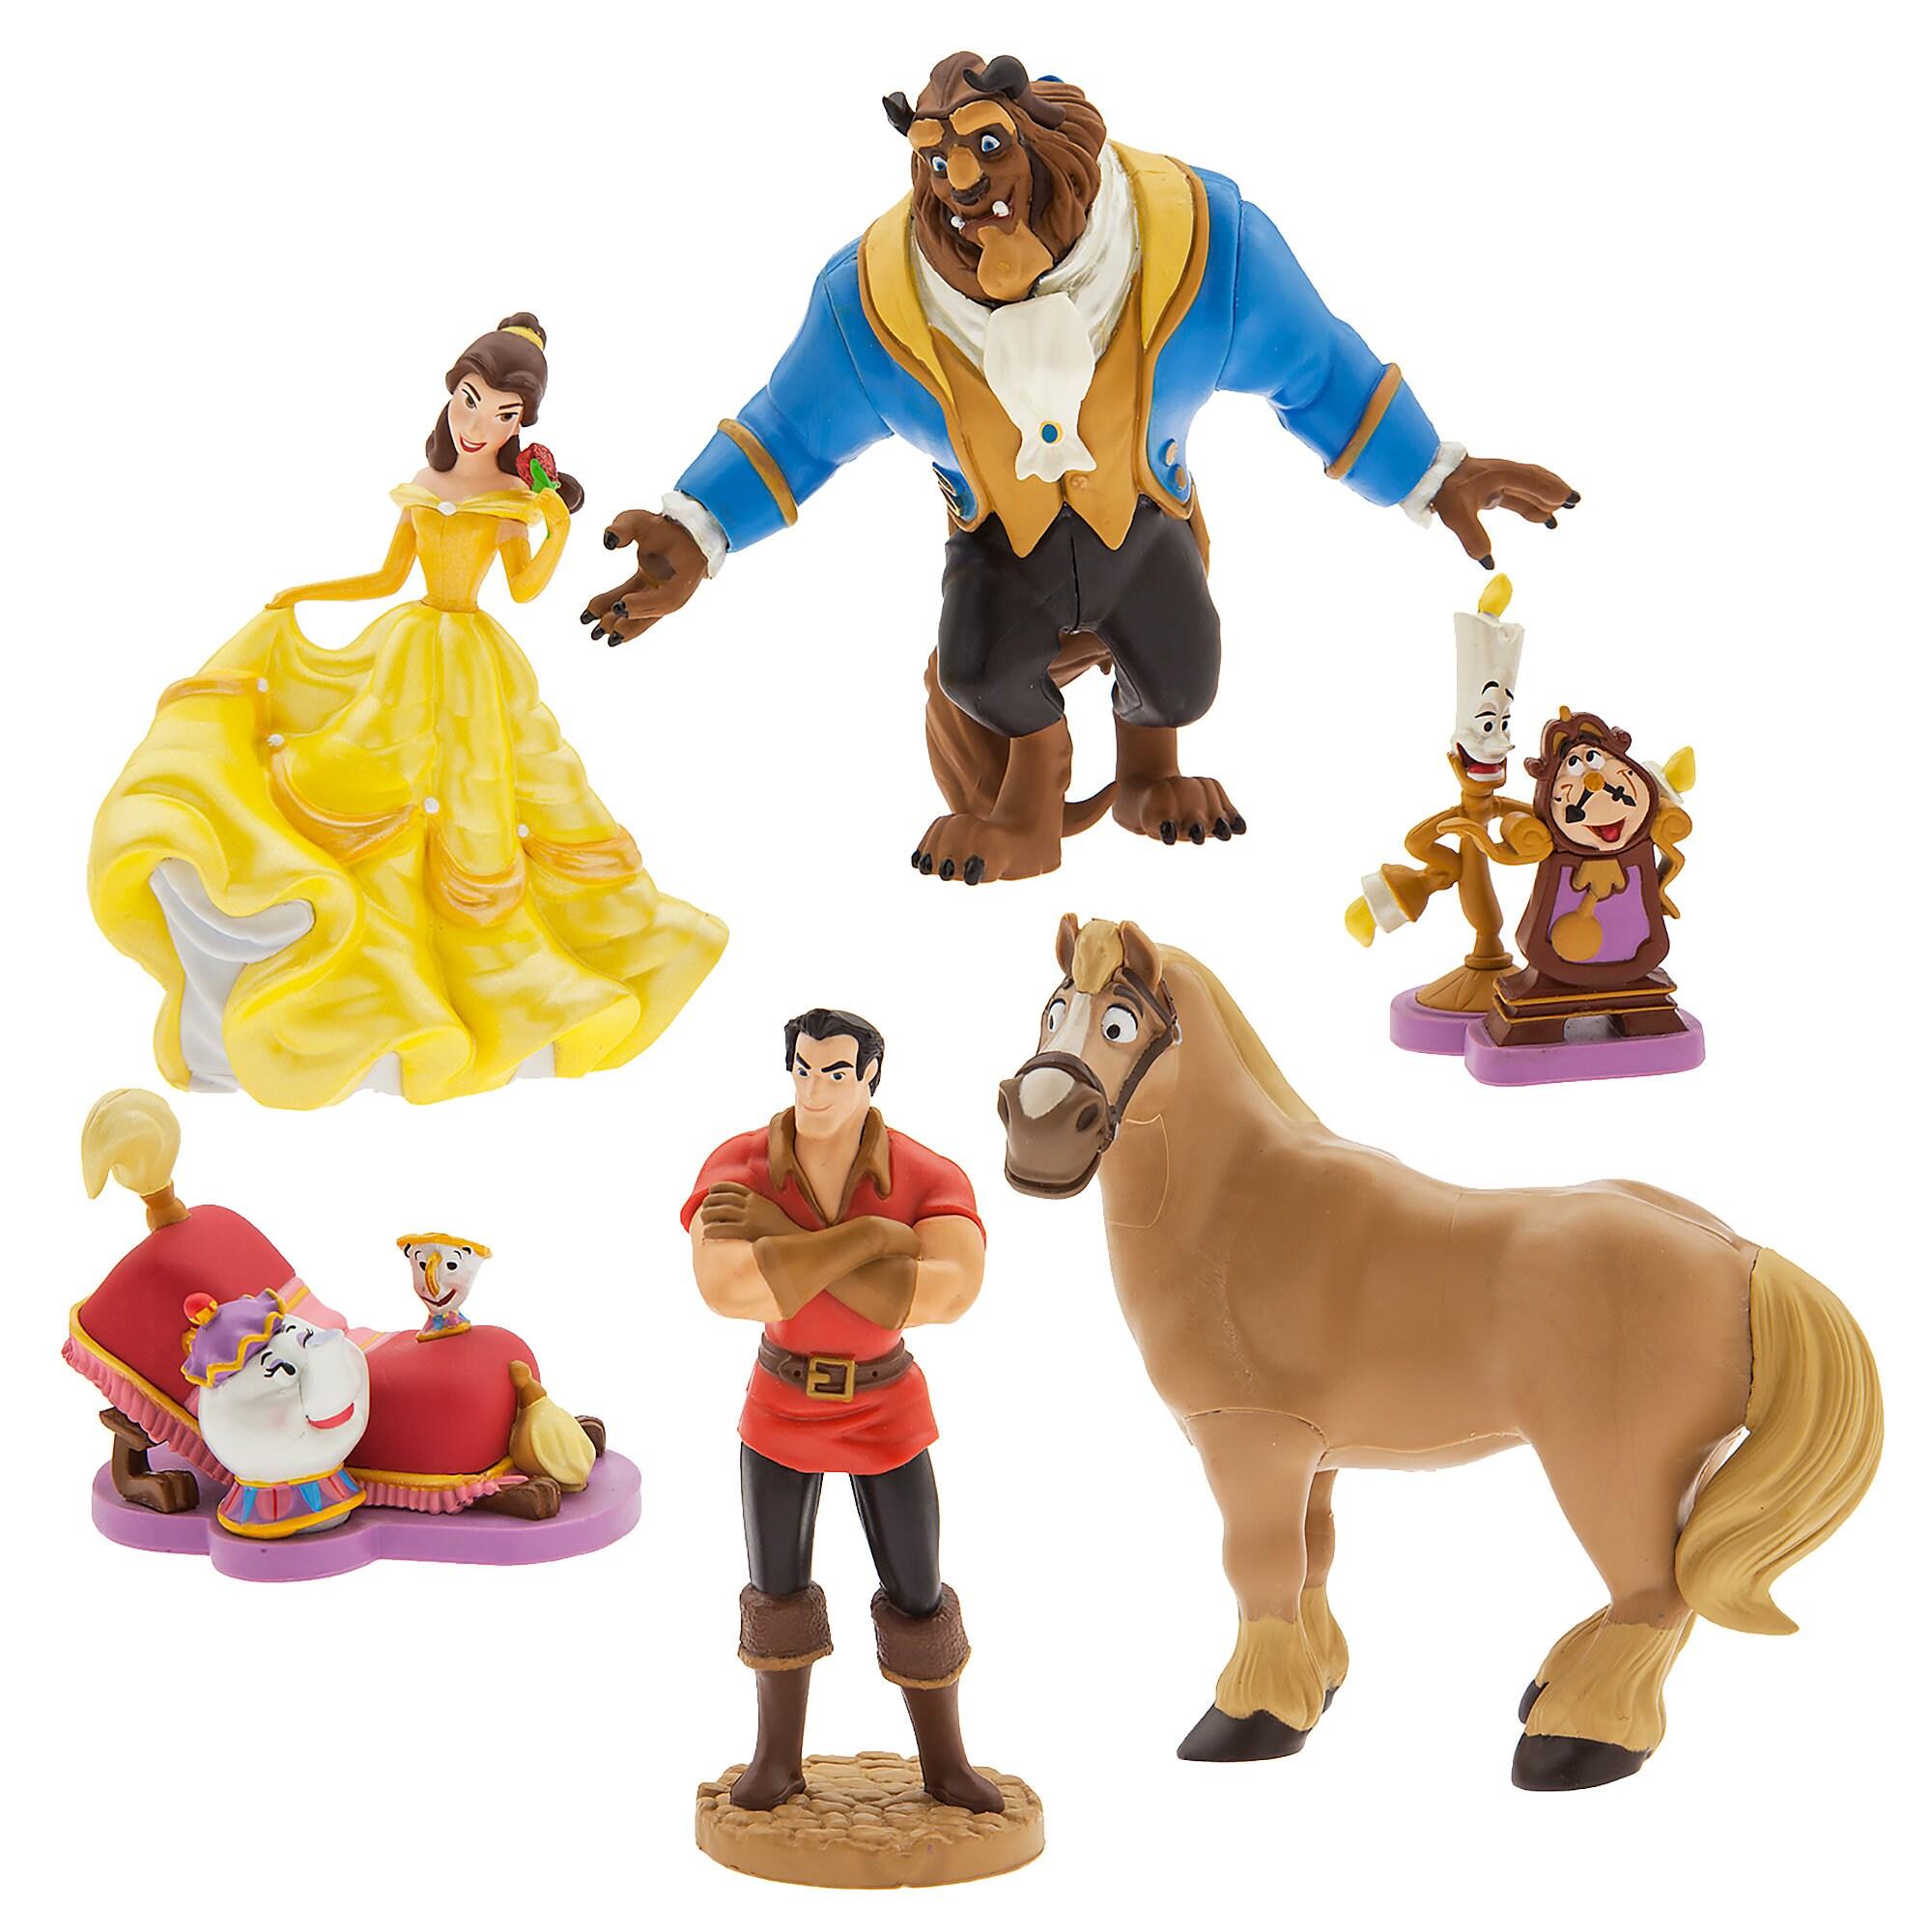 Beauty and the Beast Figure Play Set